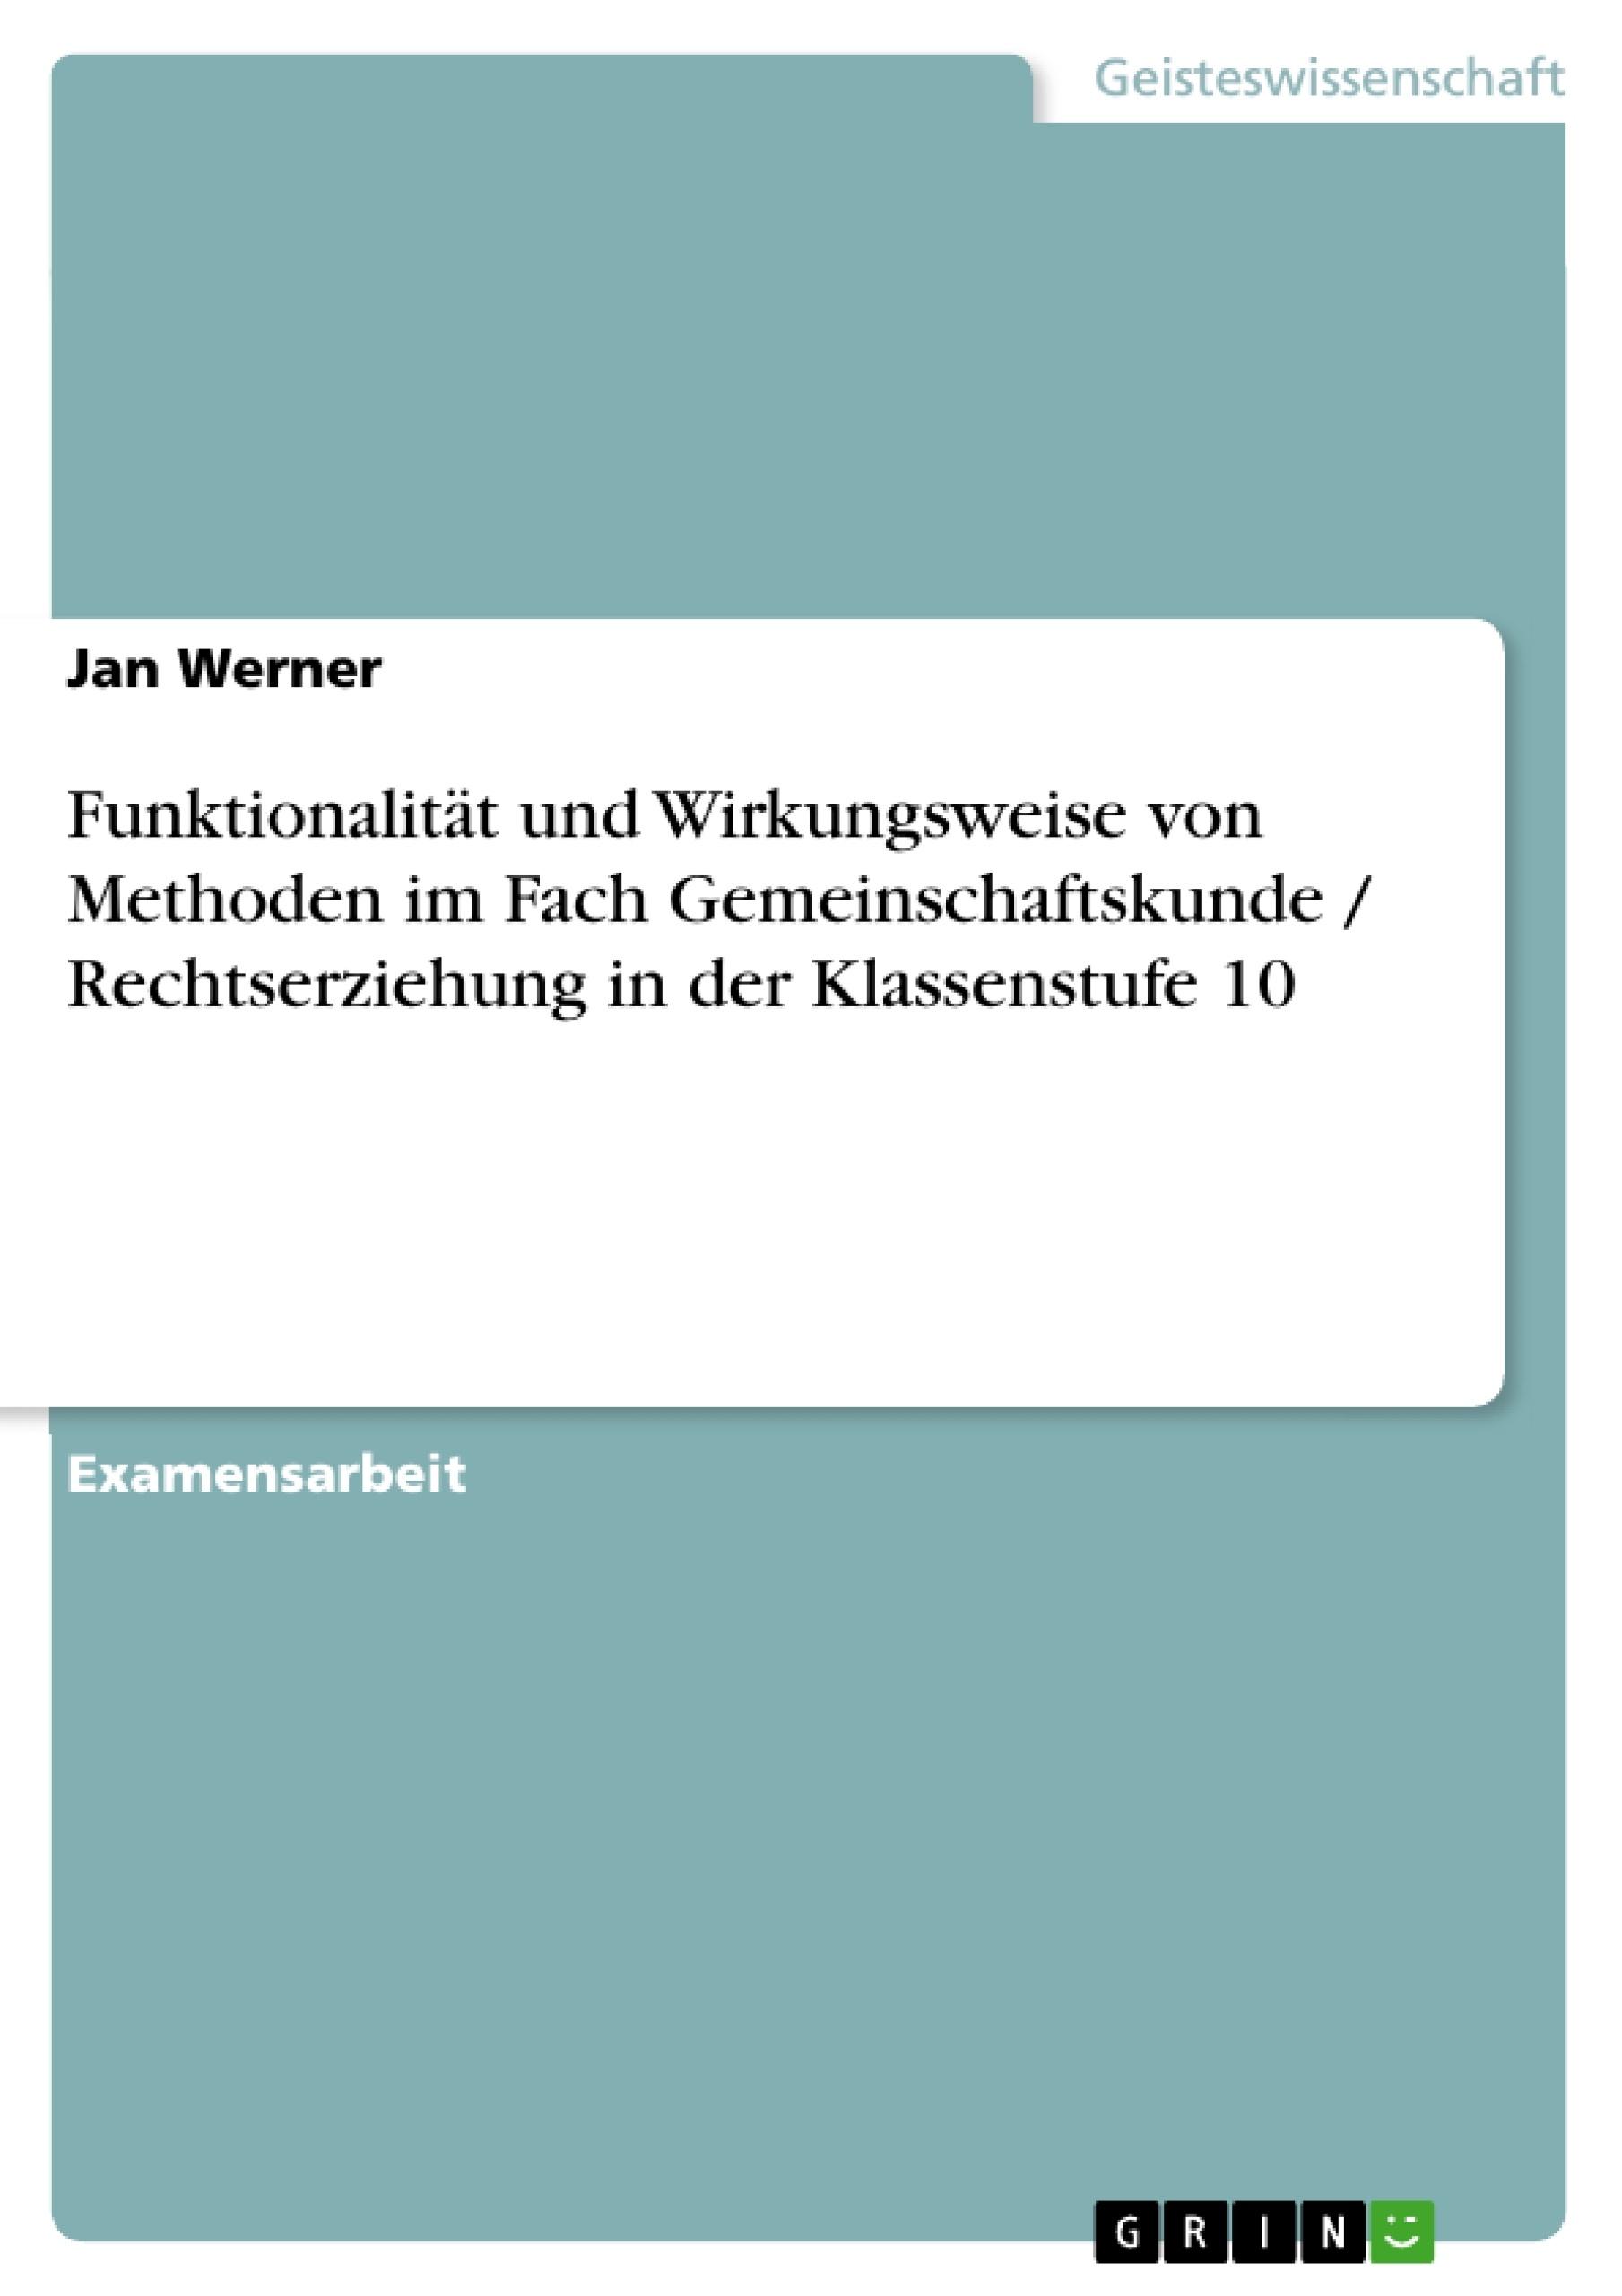 Titel: Funktionalität und Wirkungsweise von Methoden im Fach Gemeinschaftskunde / Rechtserziehung in der Klassenstufe 10